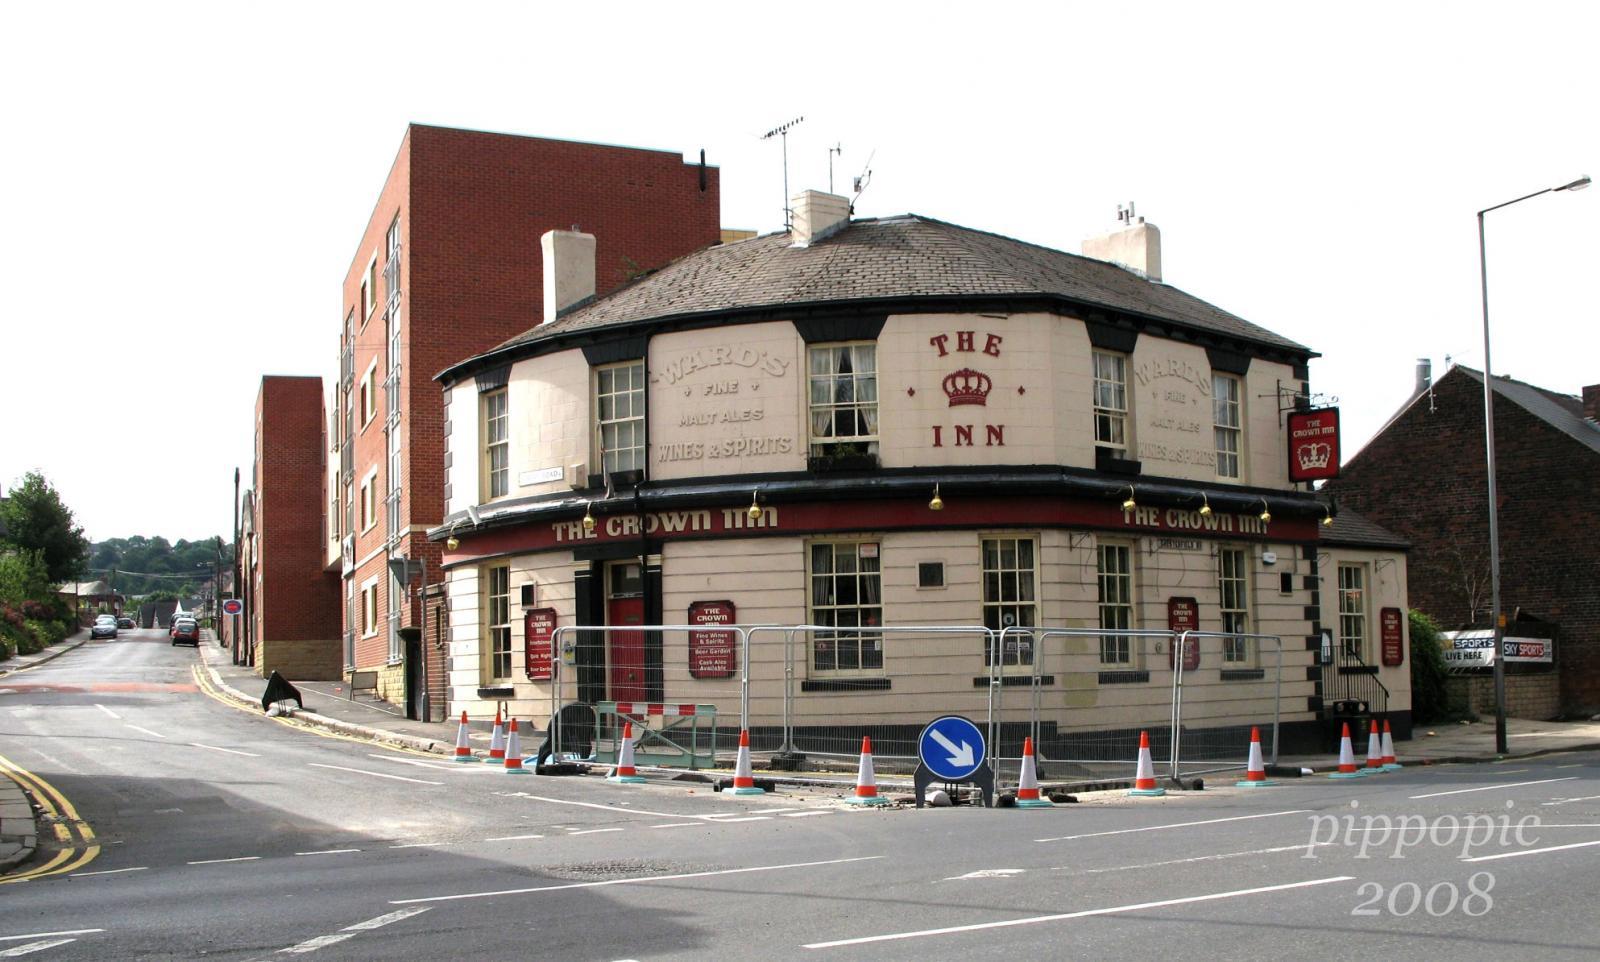 Crown Inn, Albert Road/London Road Sth, Heeley